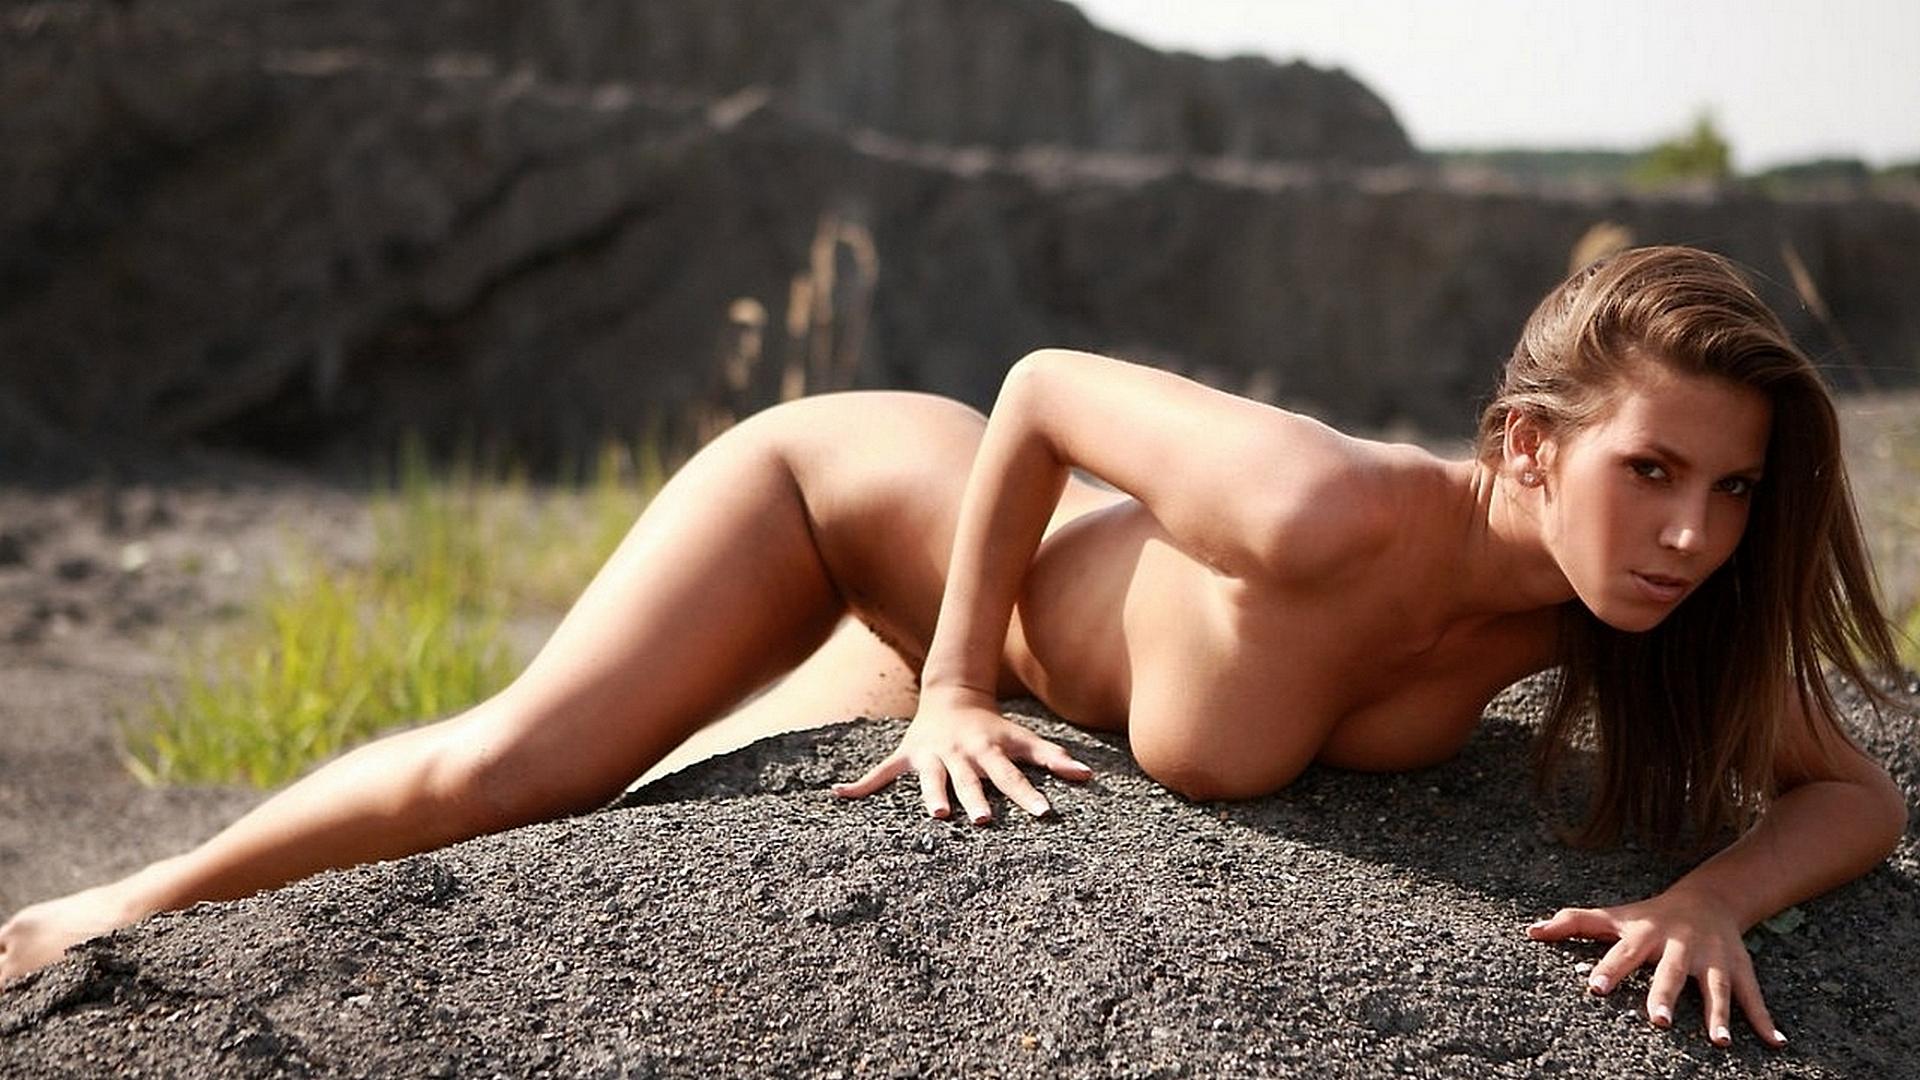 Фотки голых красавец, Голые красотки - фото голых красивых девушек 9 фотография